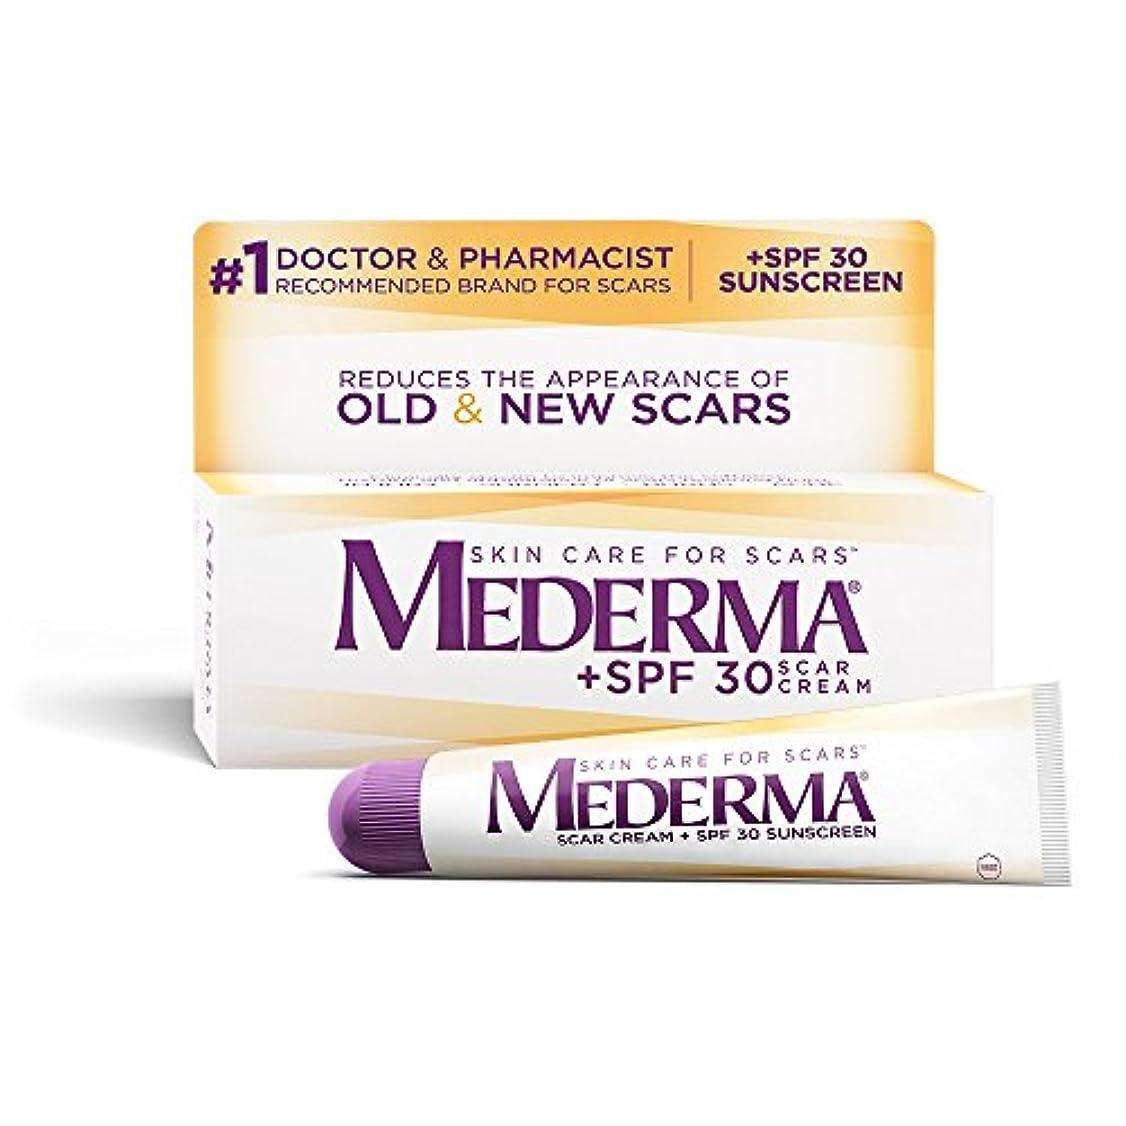 閉じ込めるミュート以降Mederma 社 日焼け止め成分SPF30配合 メドロマ(メデルマ) 1本 20g Mederma Scar Cream Plus SPF 30